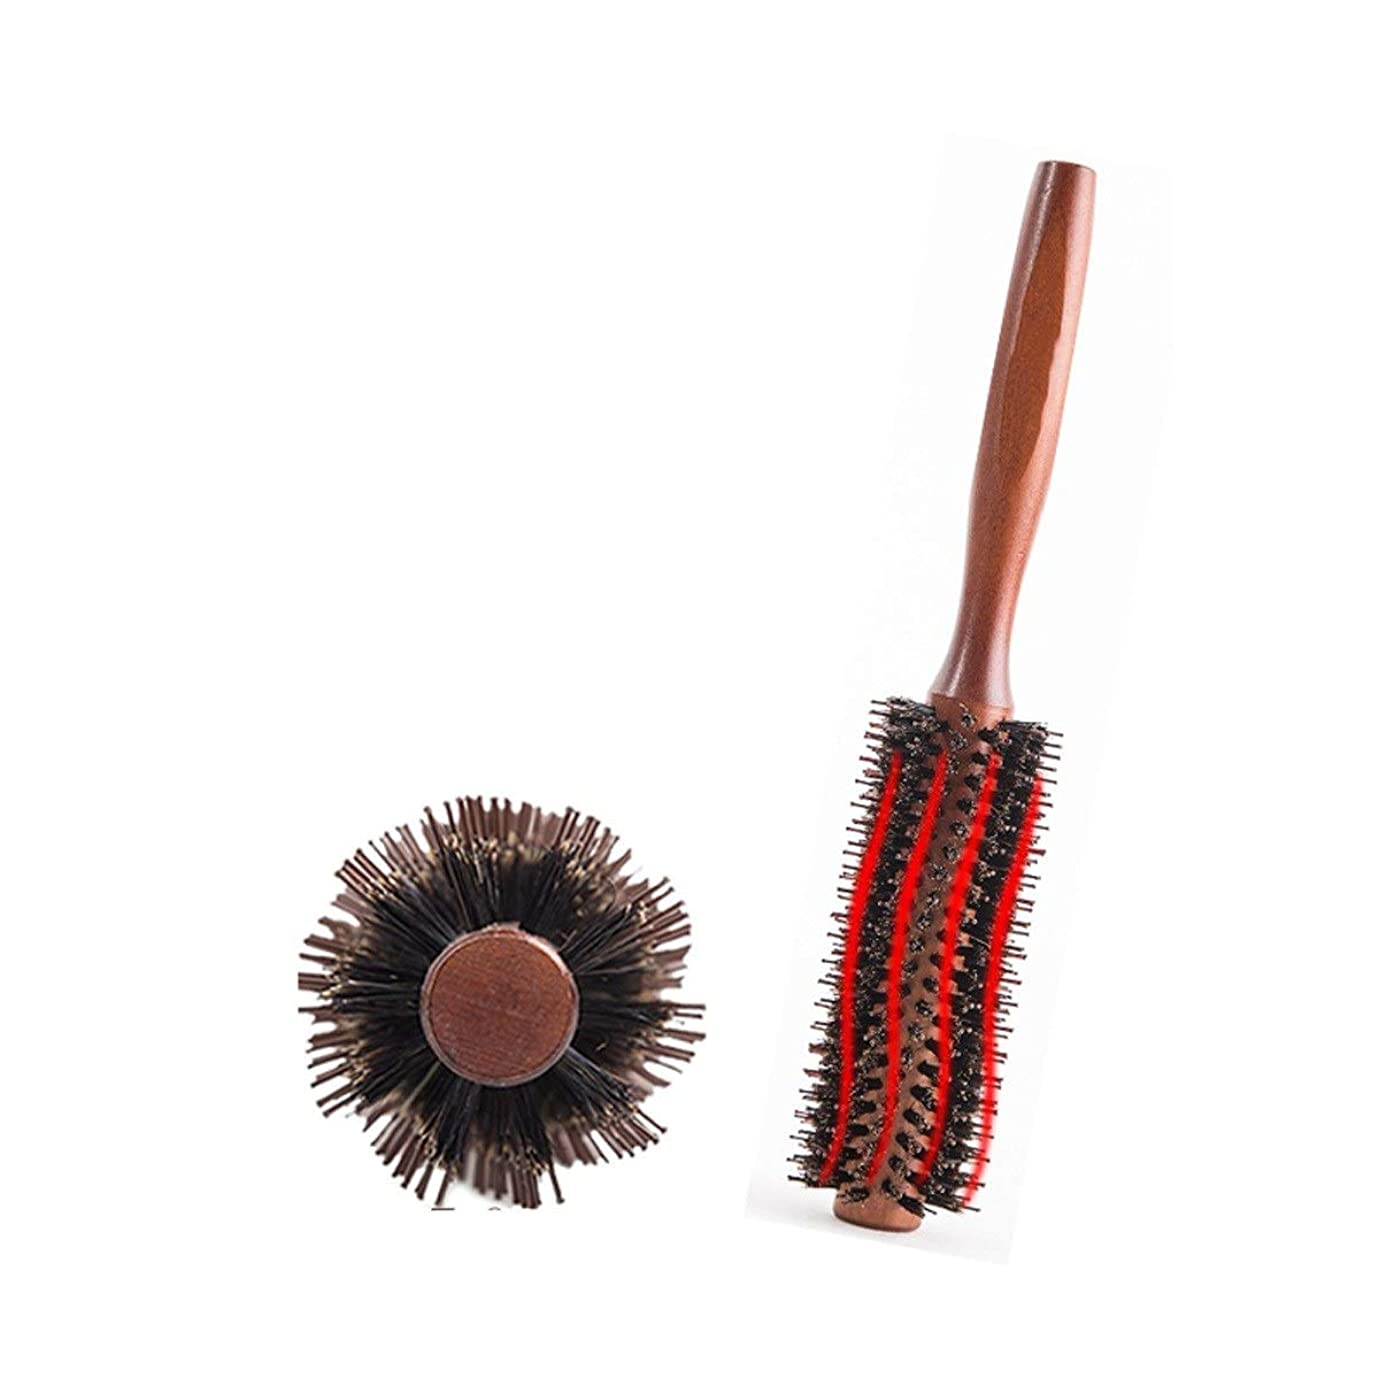 サークル外交問題画面Fengkuo 櫛、巻き毛の櫛、ふわふわの家庭用ロール櫛、理髪店特別な木製の櫛、ウッドカラー、2つのスタイル 櫛 (Design : A, Size : S)